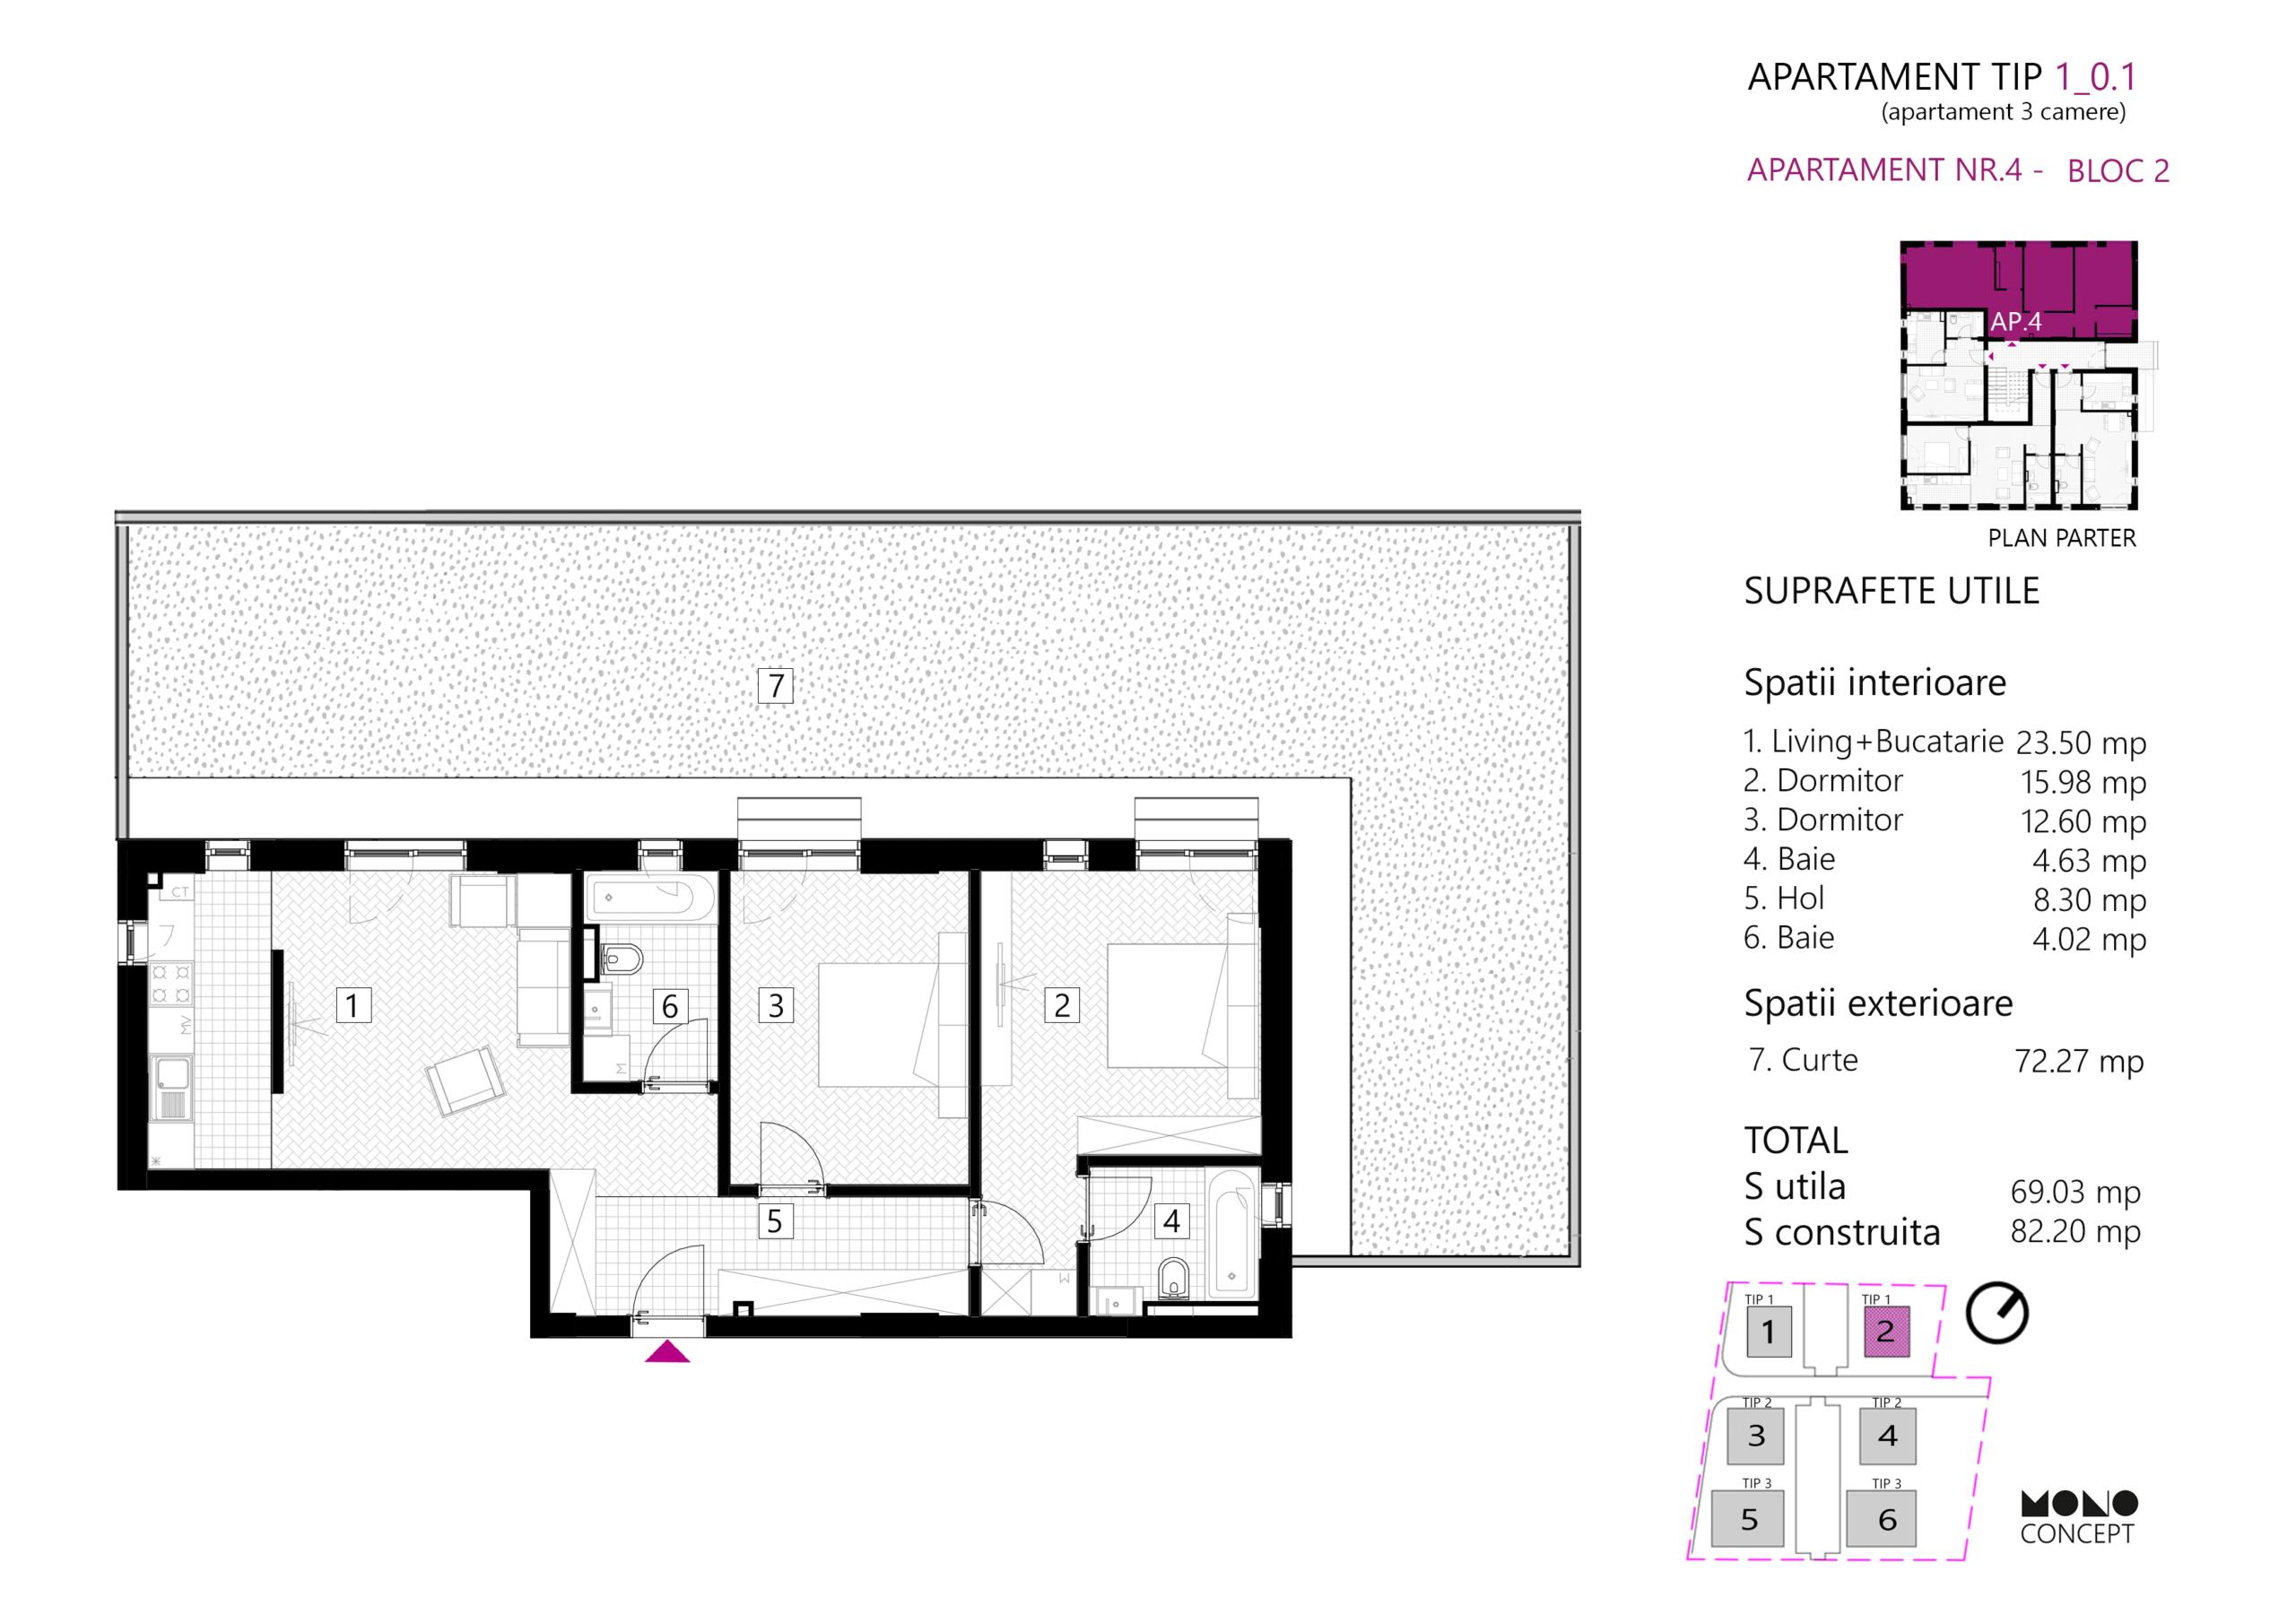 Apartament 3 Camere Parter Tip A Bloc 2